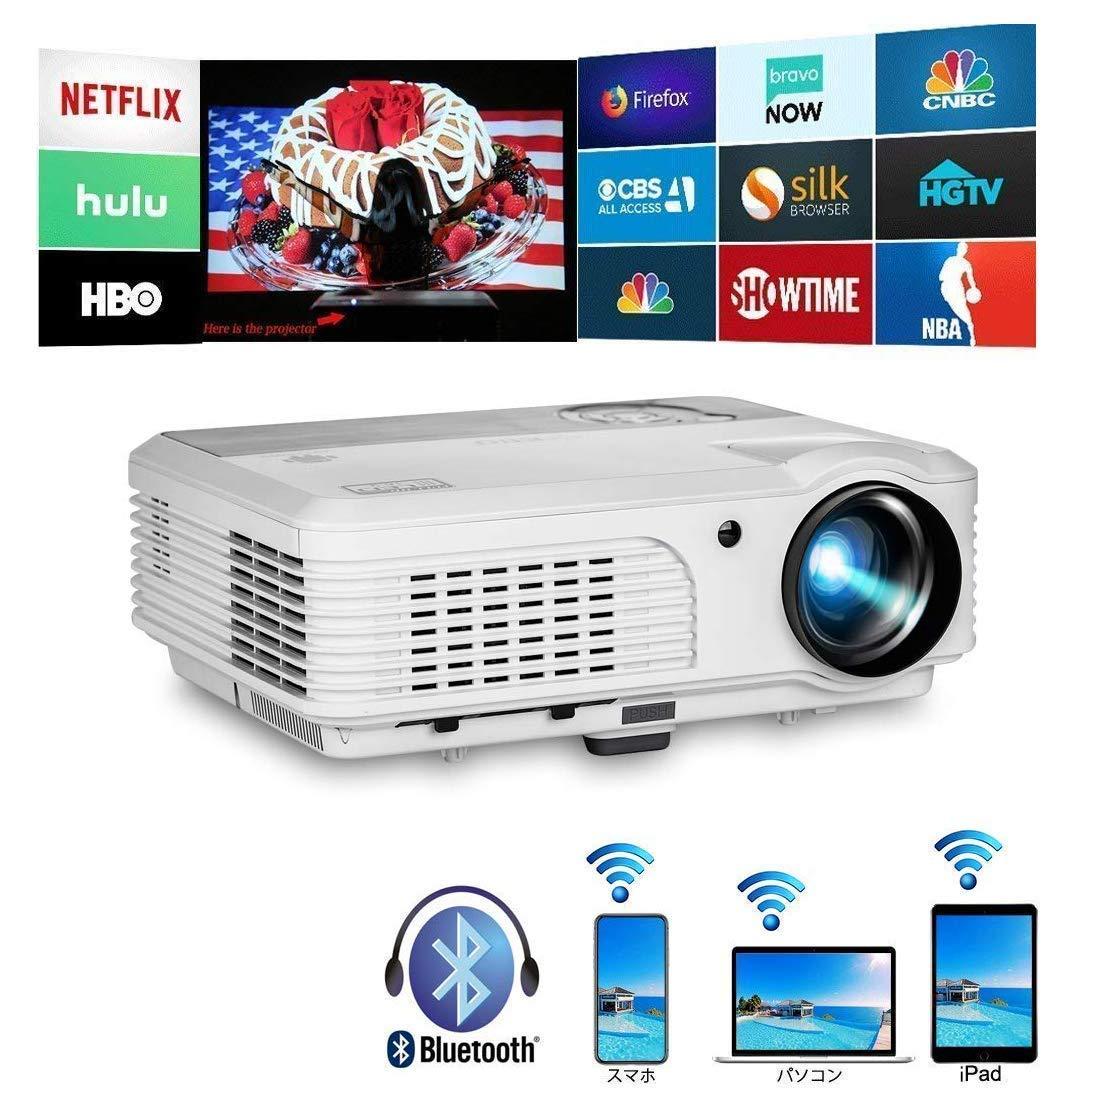 LEDプロジェクターホームシアター Bluetoothスピーカー接続 WiFiプロジェクター 3600ルーメン 1080p対応 無線接続 Bluetoothプロジェクターホームシアター iPhone スマホ PC DVD パソコン PS4 ブルーレイプレーヤー対応 ホワイト B07NS327SK